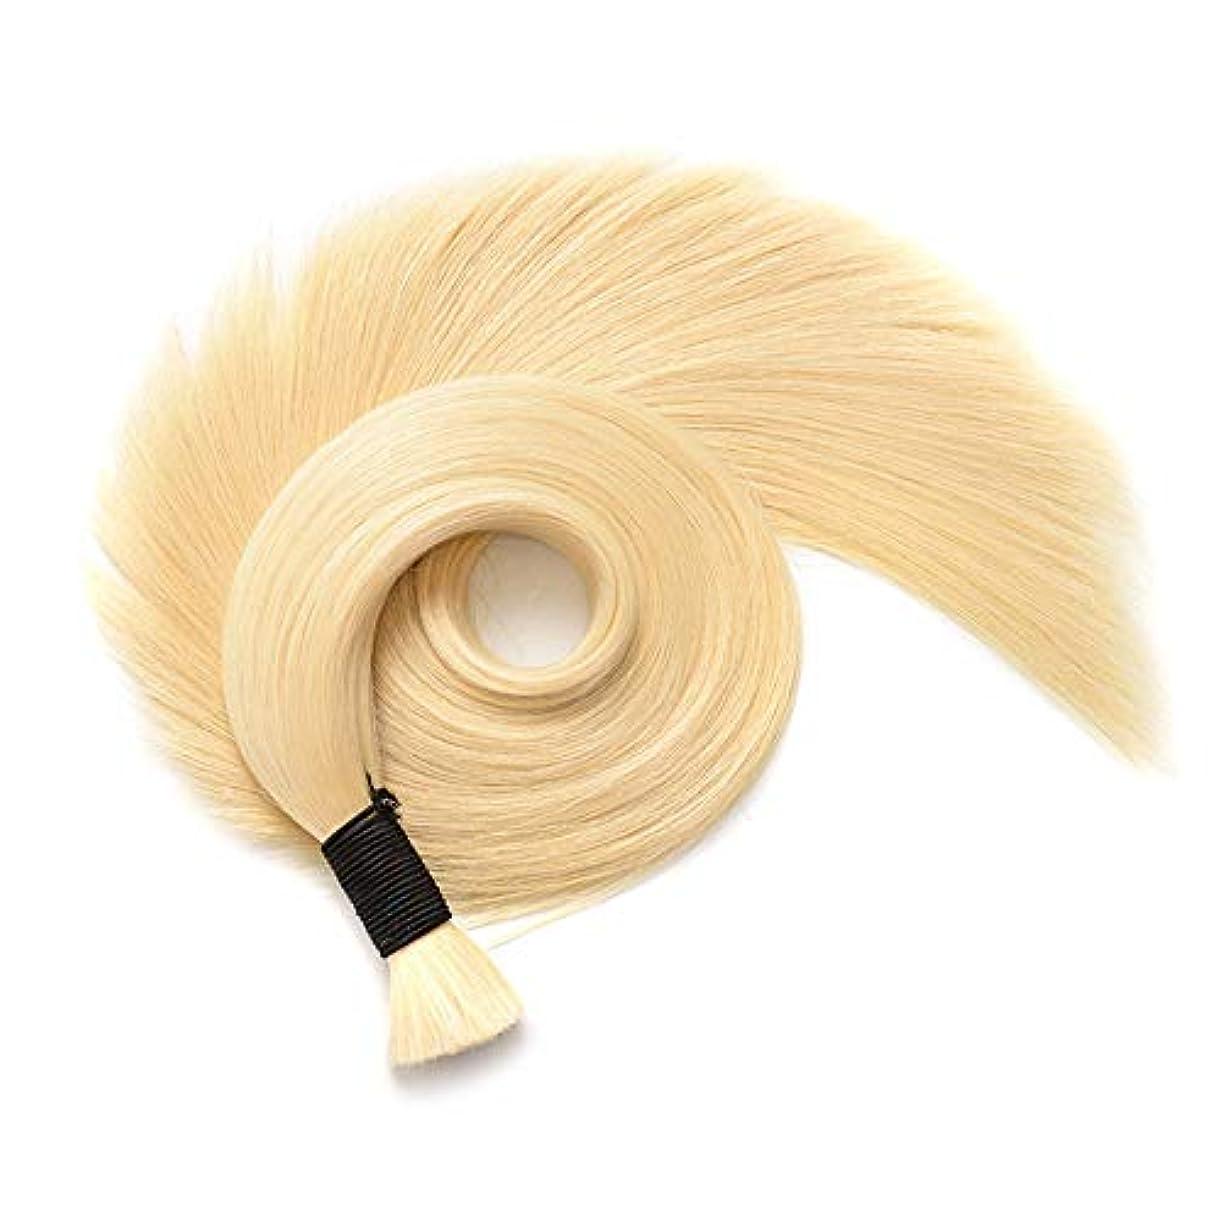 啓示読書配列WASAIO ヘアエクステンションクリップシームレスな髪型の交換変更パッケージ毎のブリリアントブロンド人間ストレートナノリング延長50グラム (色 : 40cm)